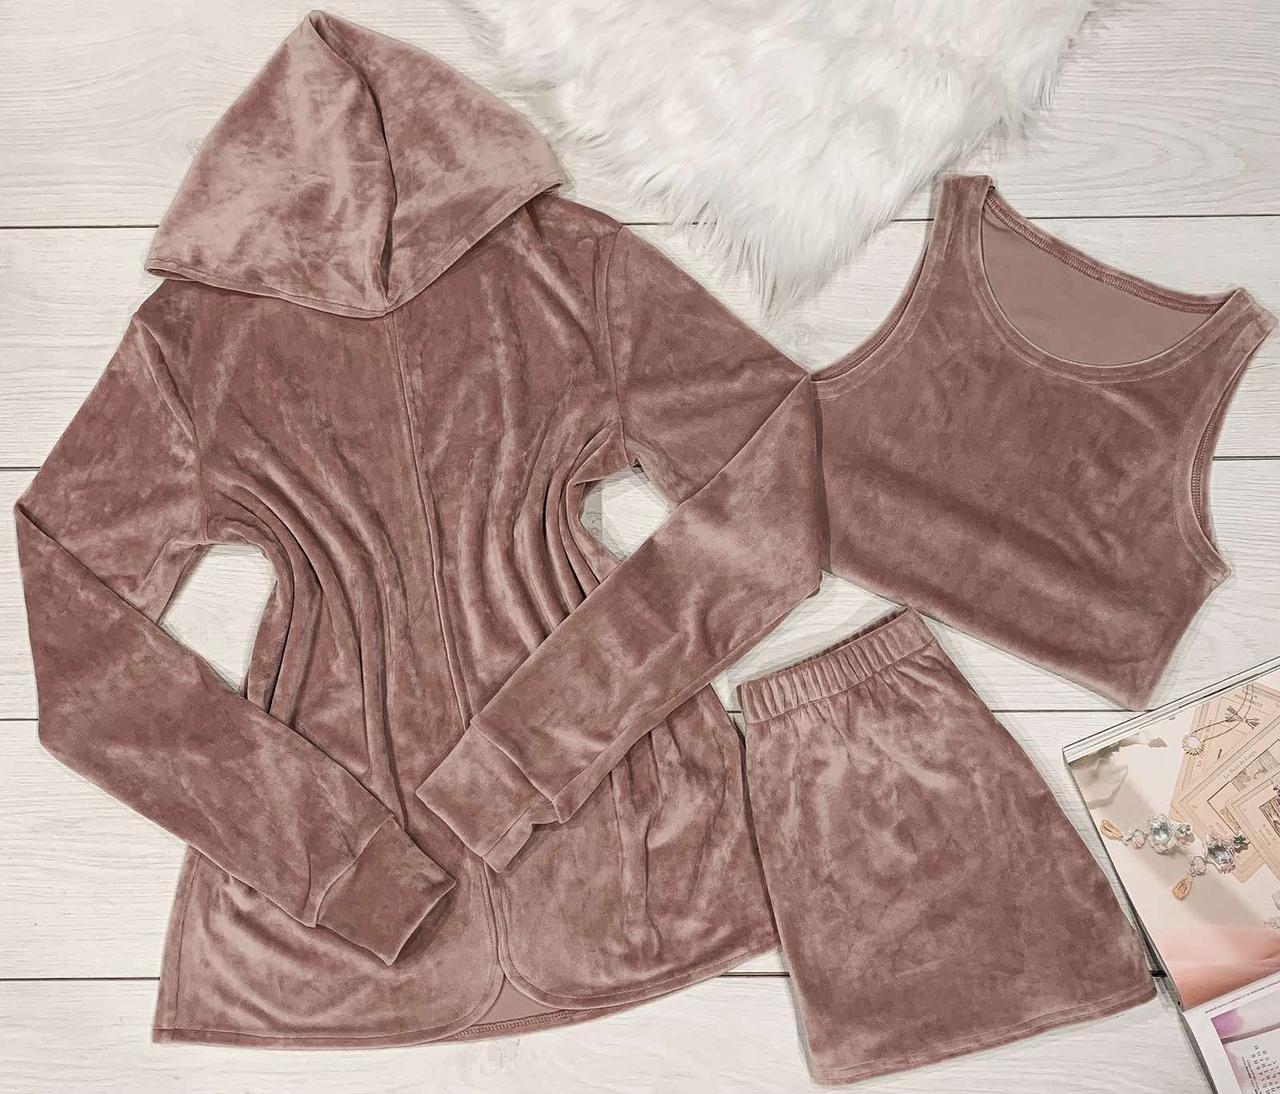 Комплект в пудровом кольорі накидка+топ+шорти з плюшу.